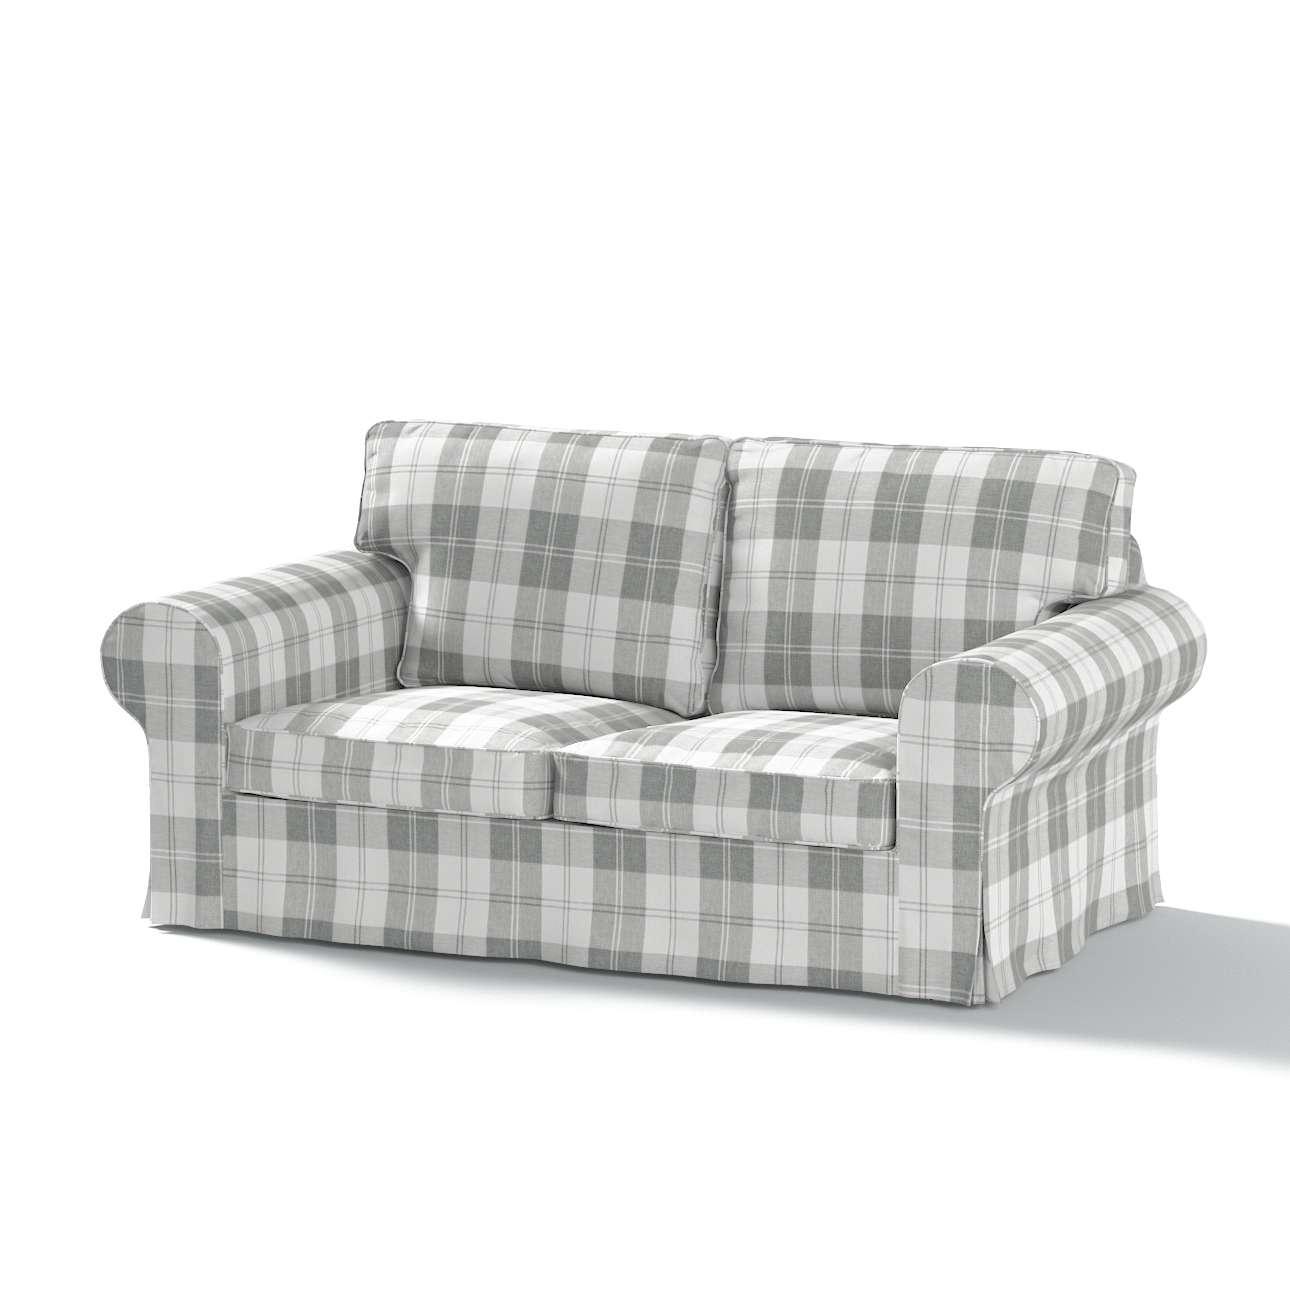 Pokrowiec na sofę Ektorp 2-osobową rozkładana NOWY MODEL 2012 w kolekcji Edinburgh, tkanina: 115-79